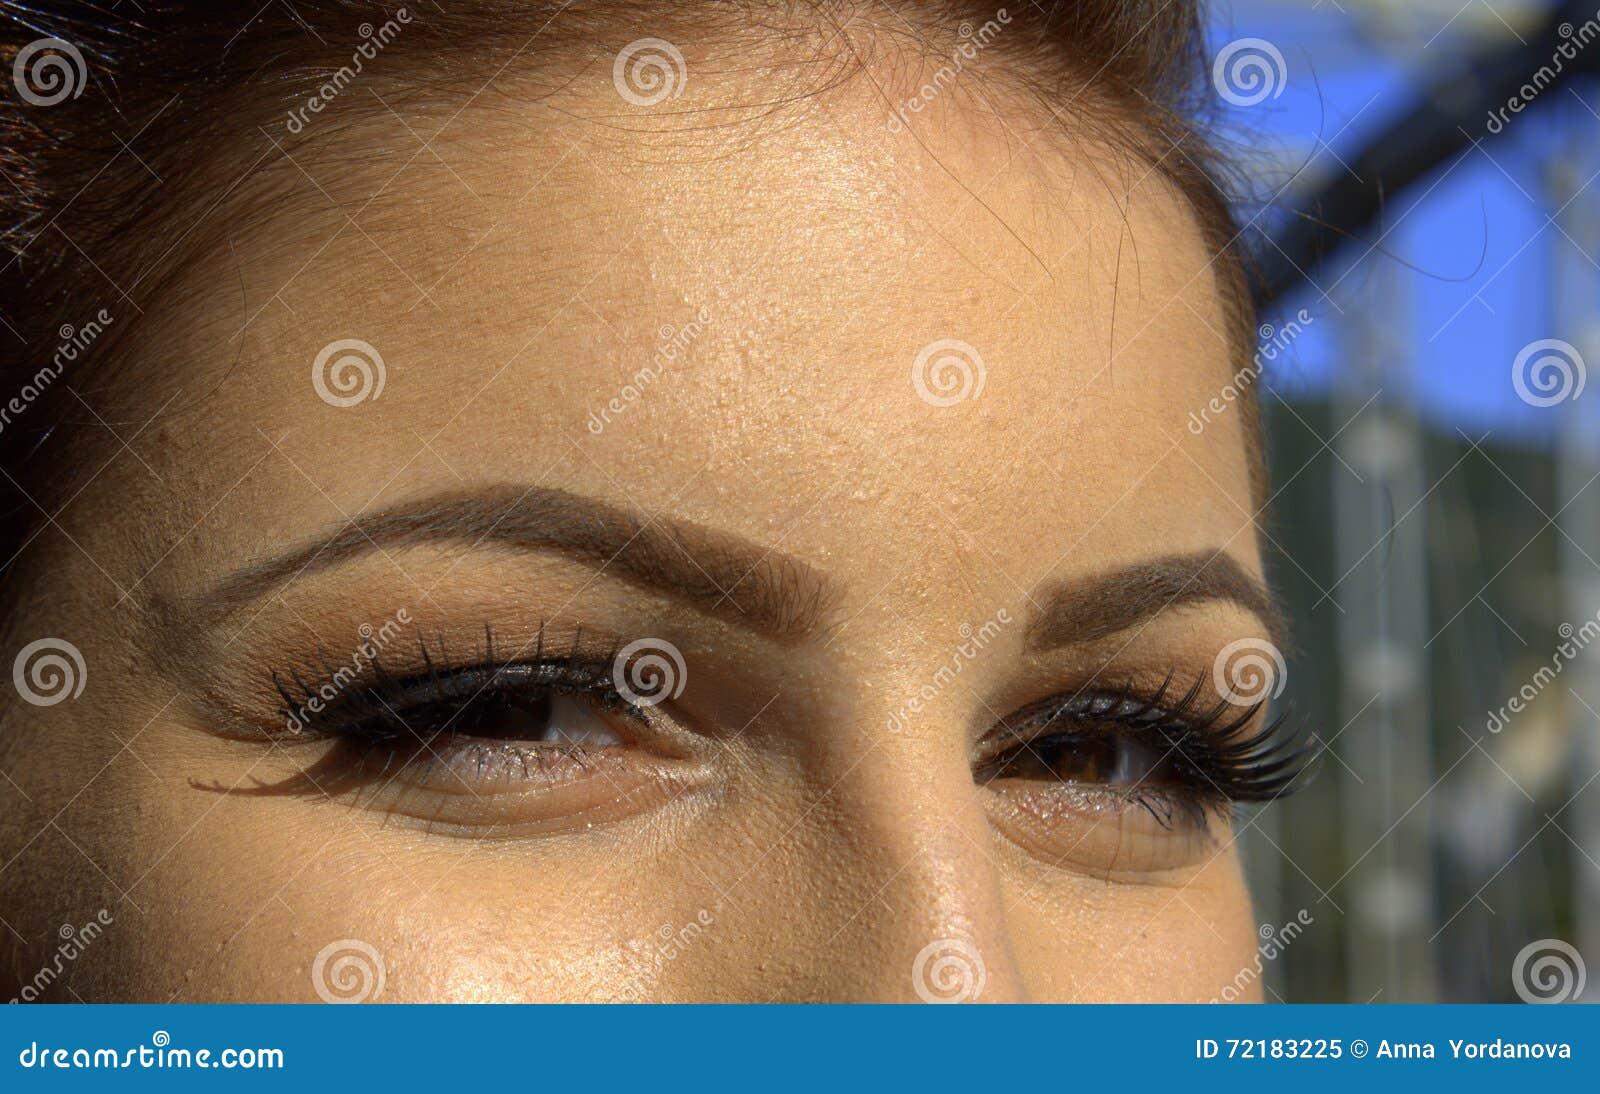 De glimlachende ogen van de schoonheidsmake-up